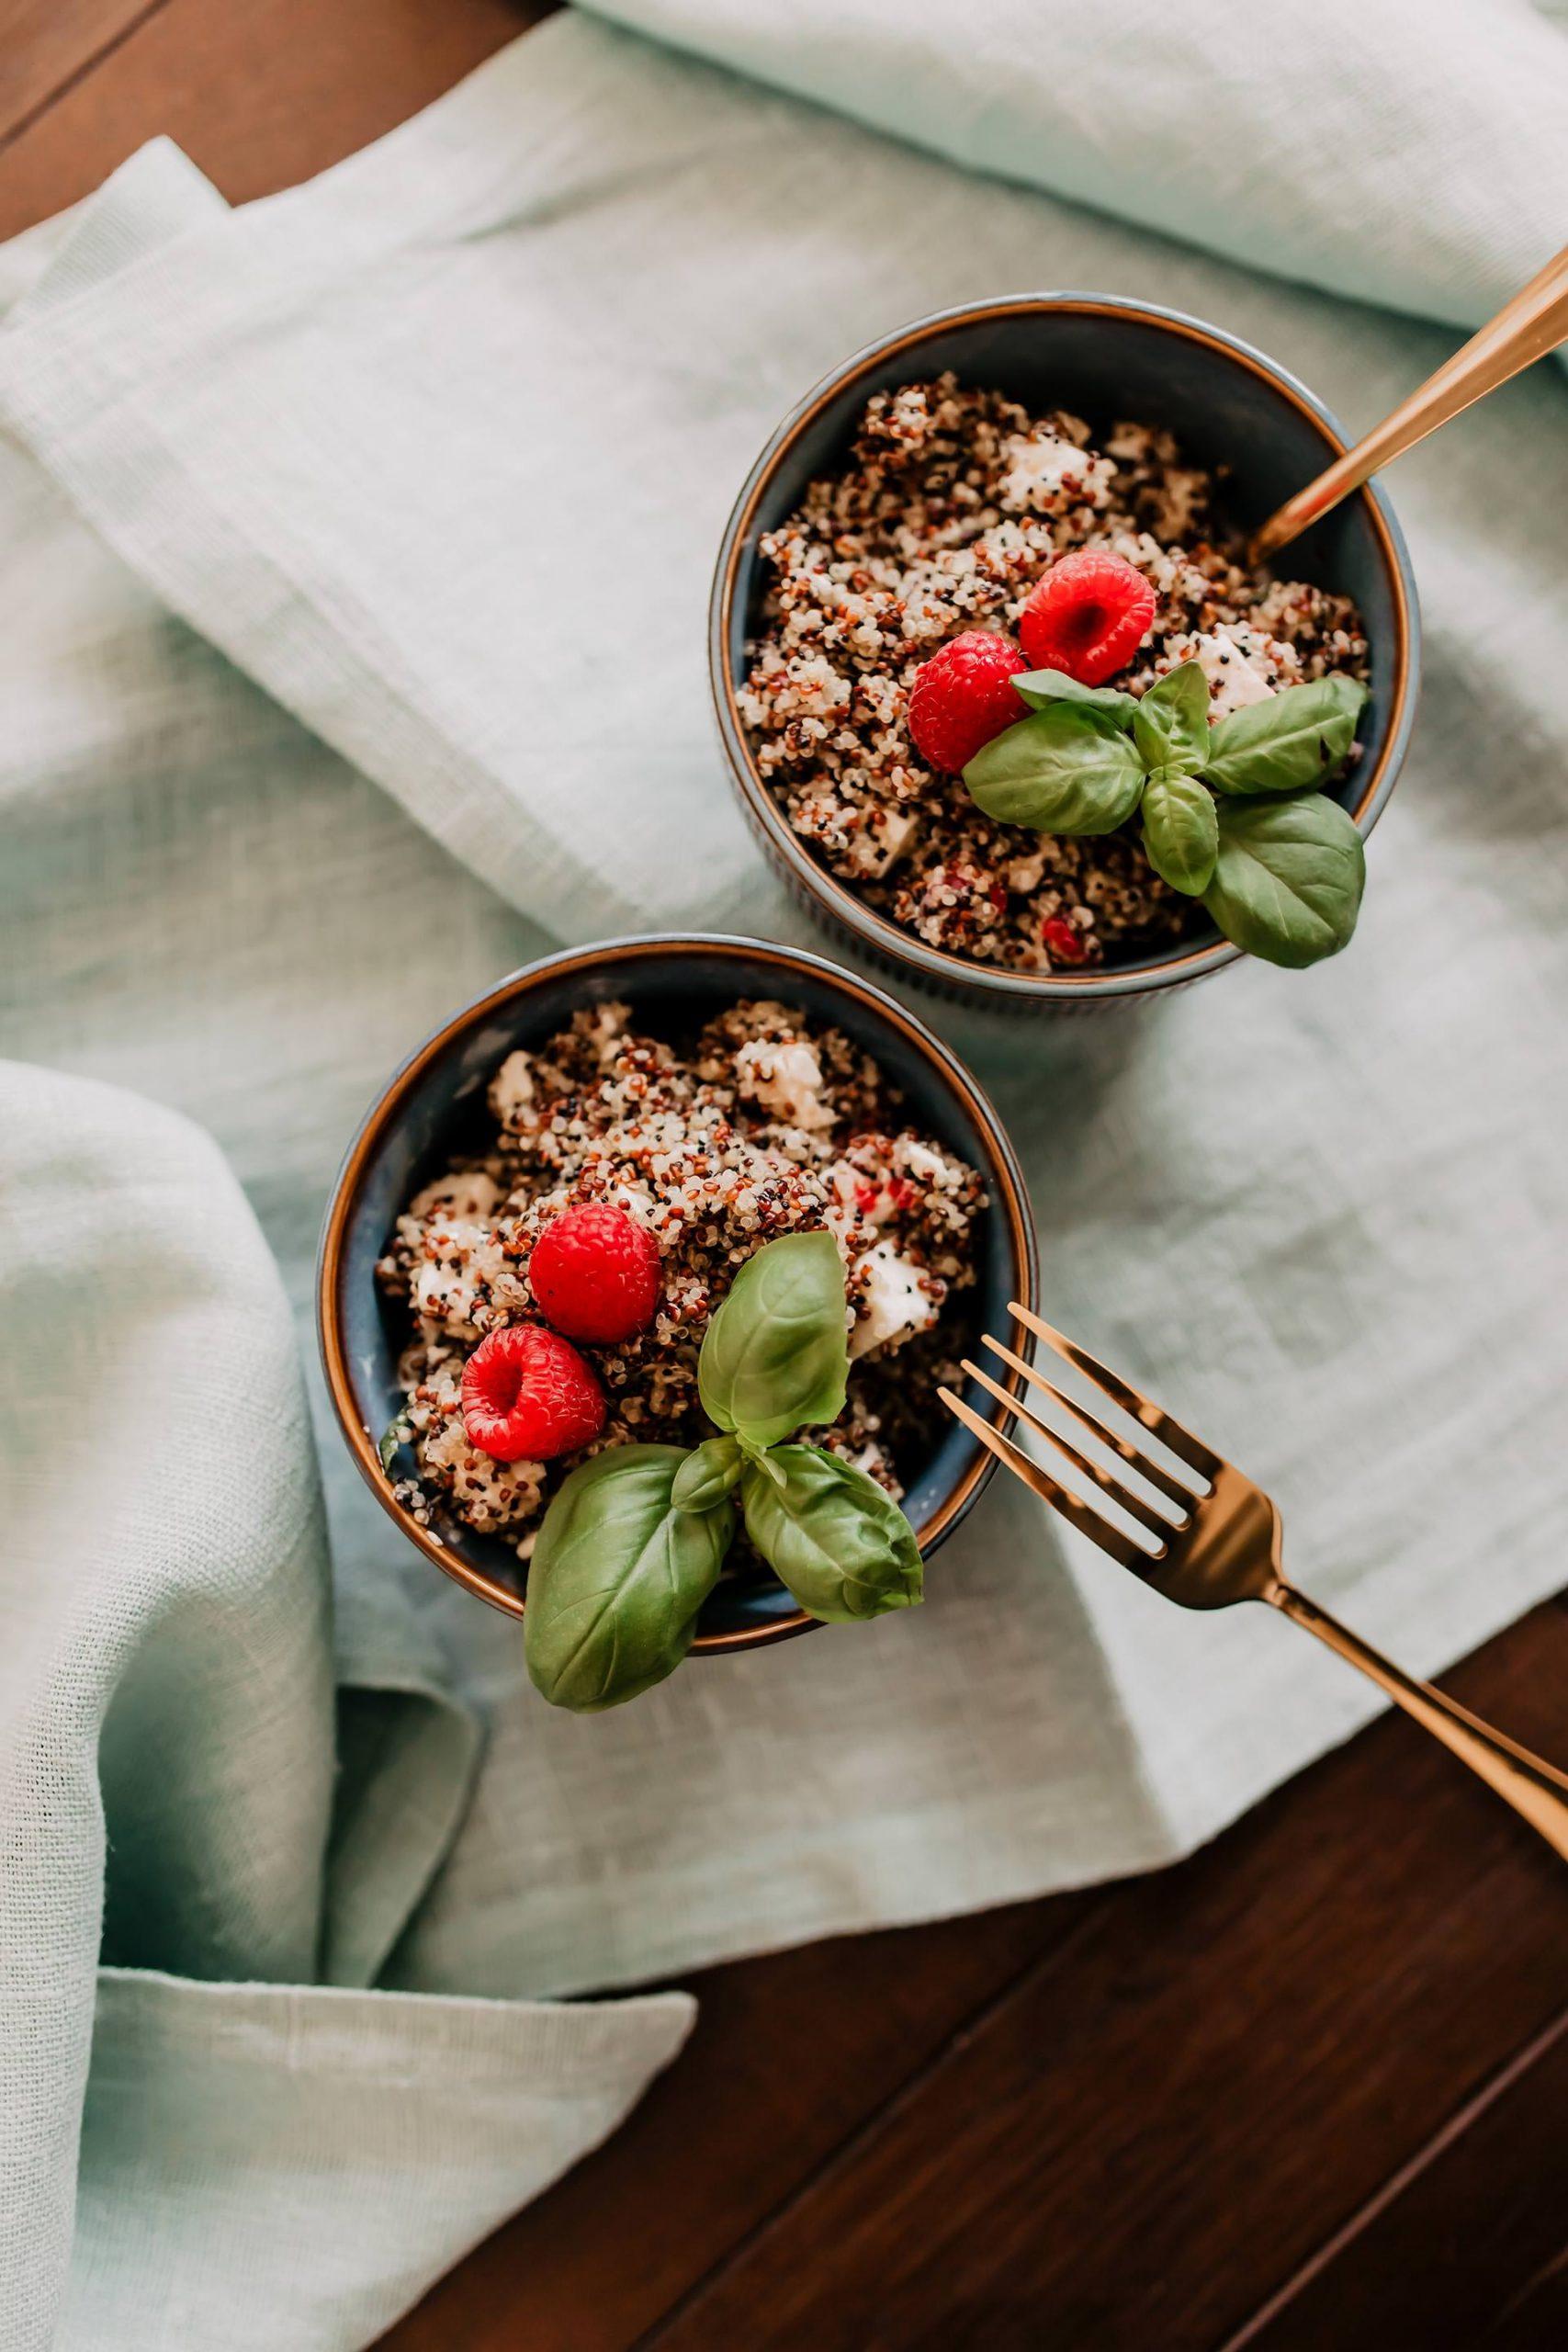 Schnelles Mittagessen Ohne Fleisch: 5 Einfache Vegetarische ganzes Einfache Schnelle Rezepte Ohne Fleisch